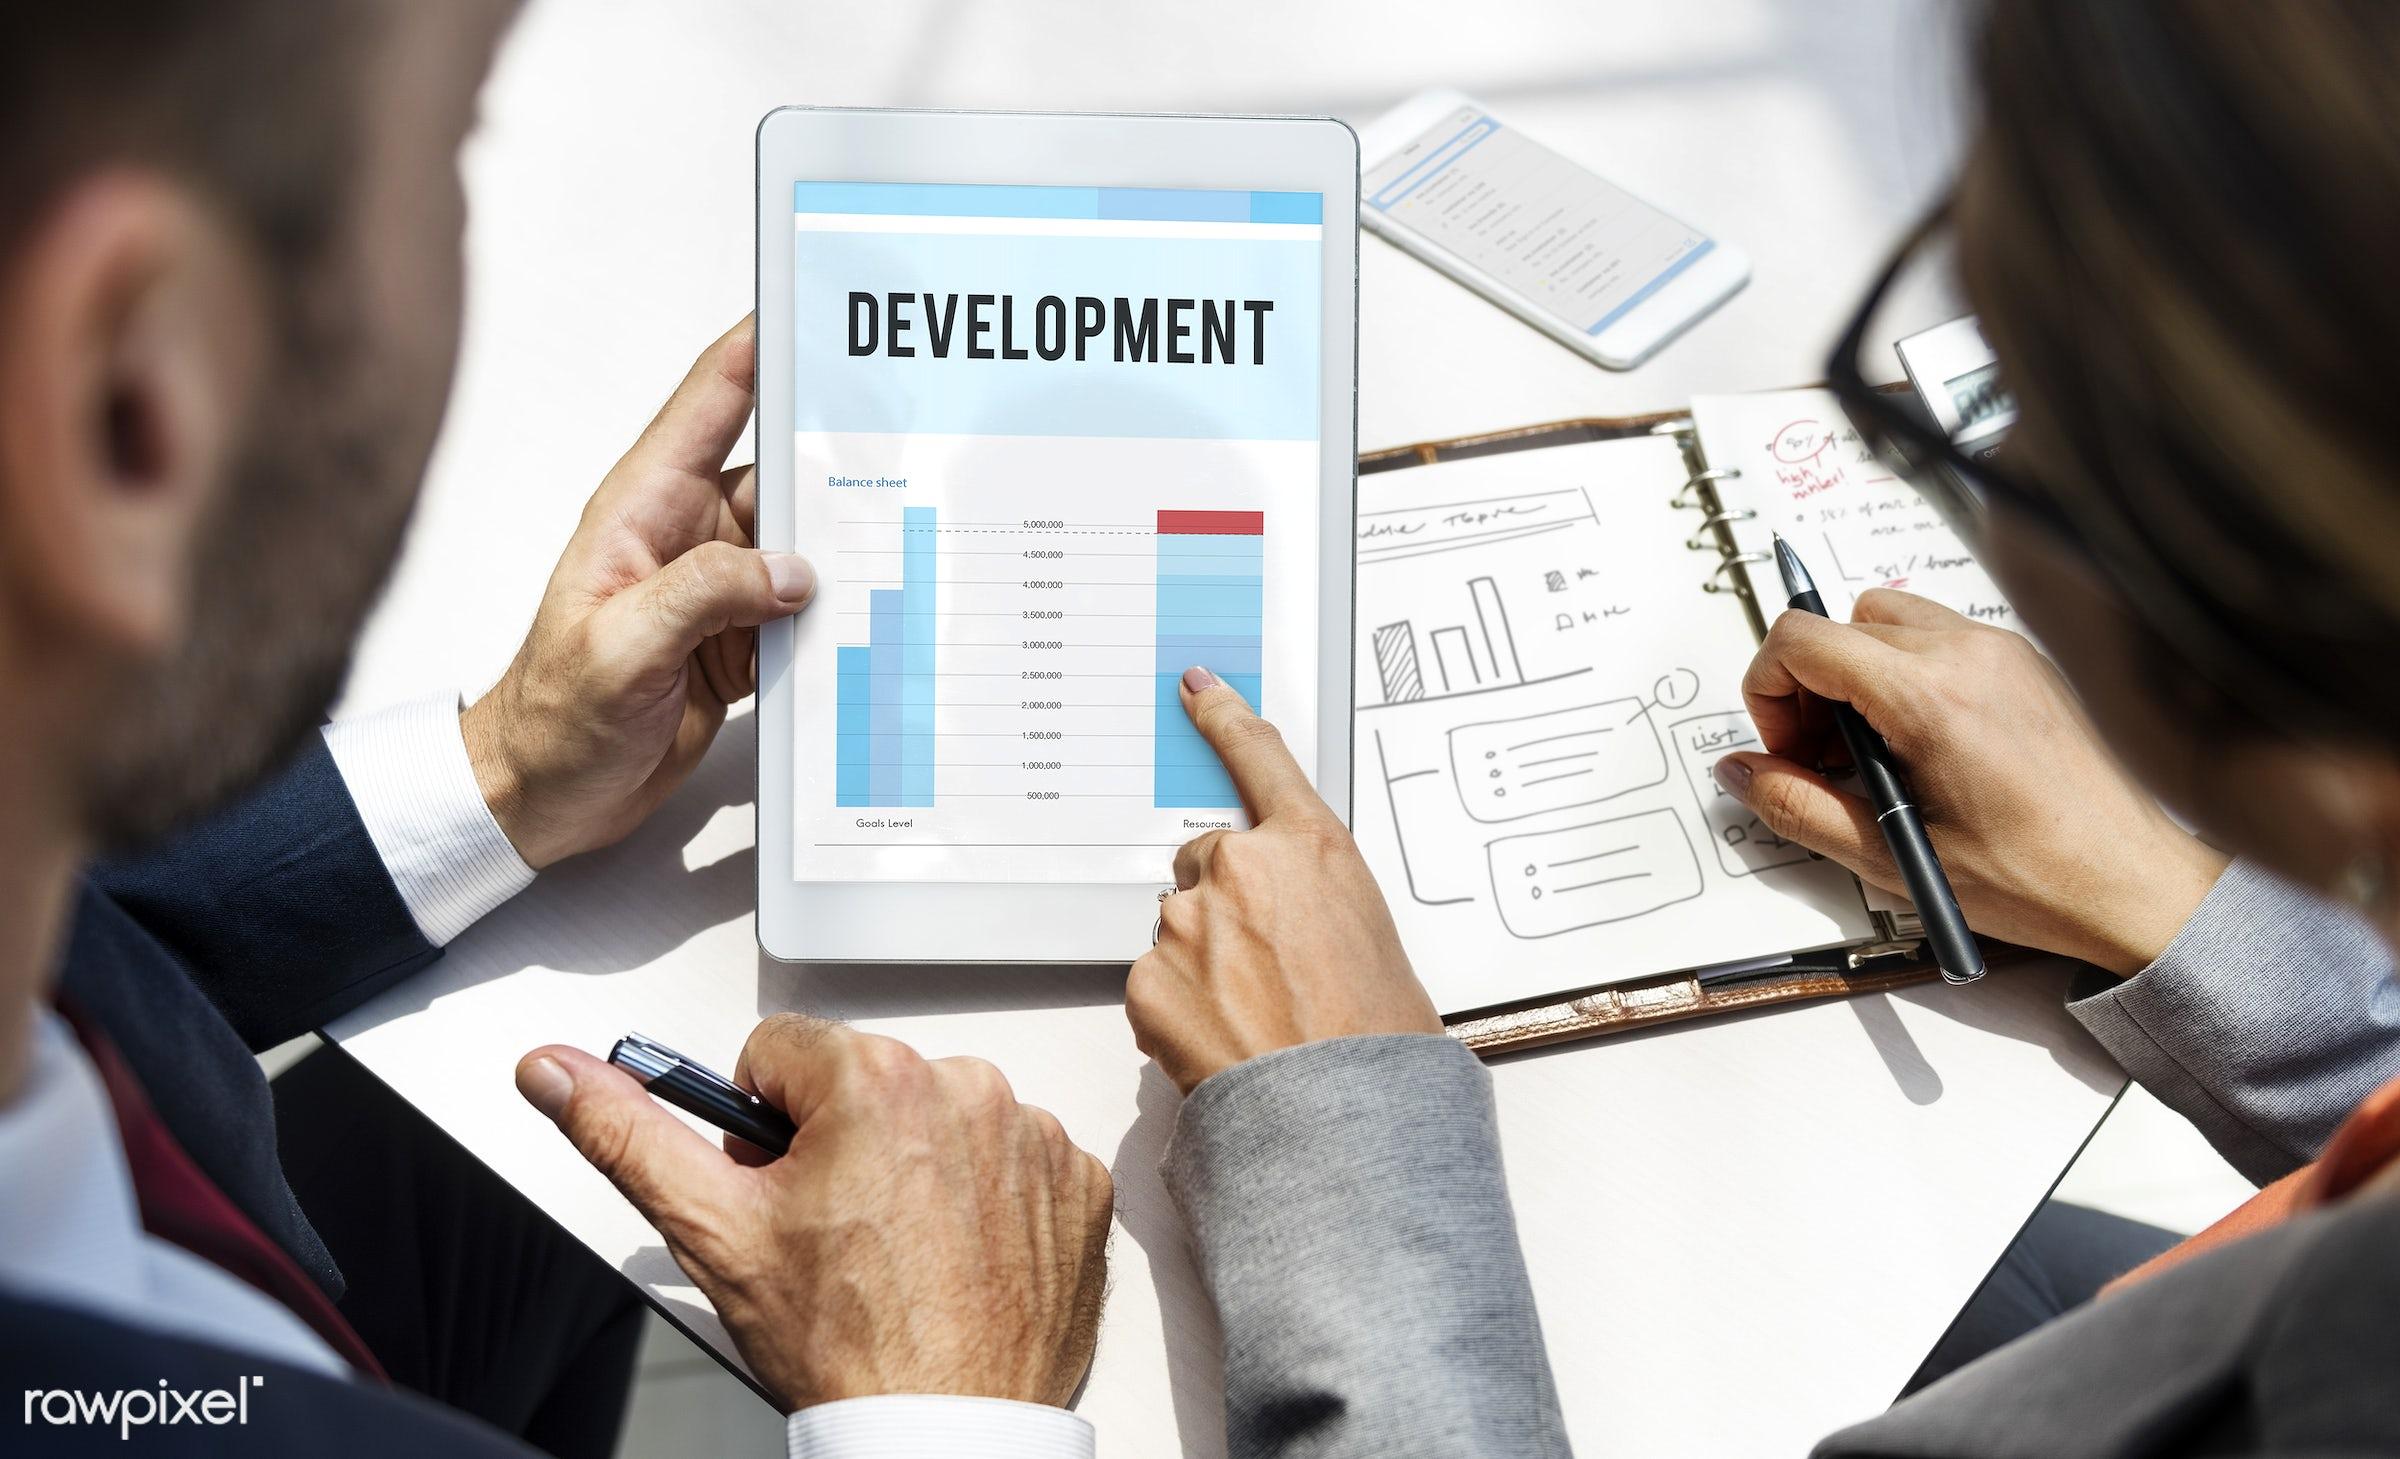 achievement, aim, analysis, businessman, businessmen, businesswoman, businesswomen, calculator, cellphone, data, develop,...